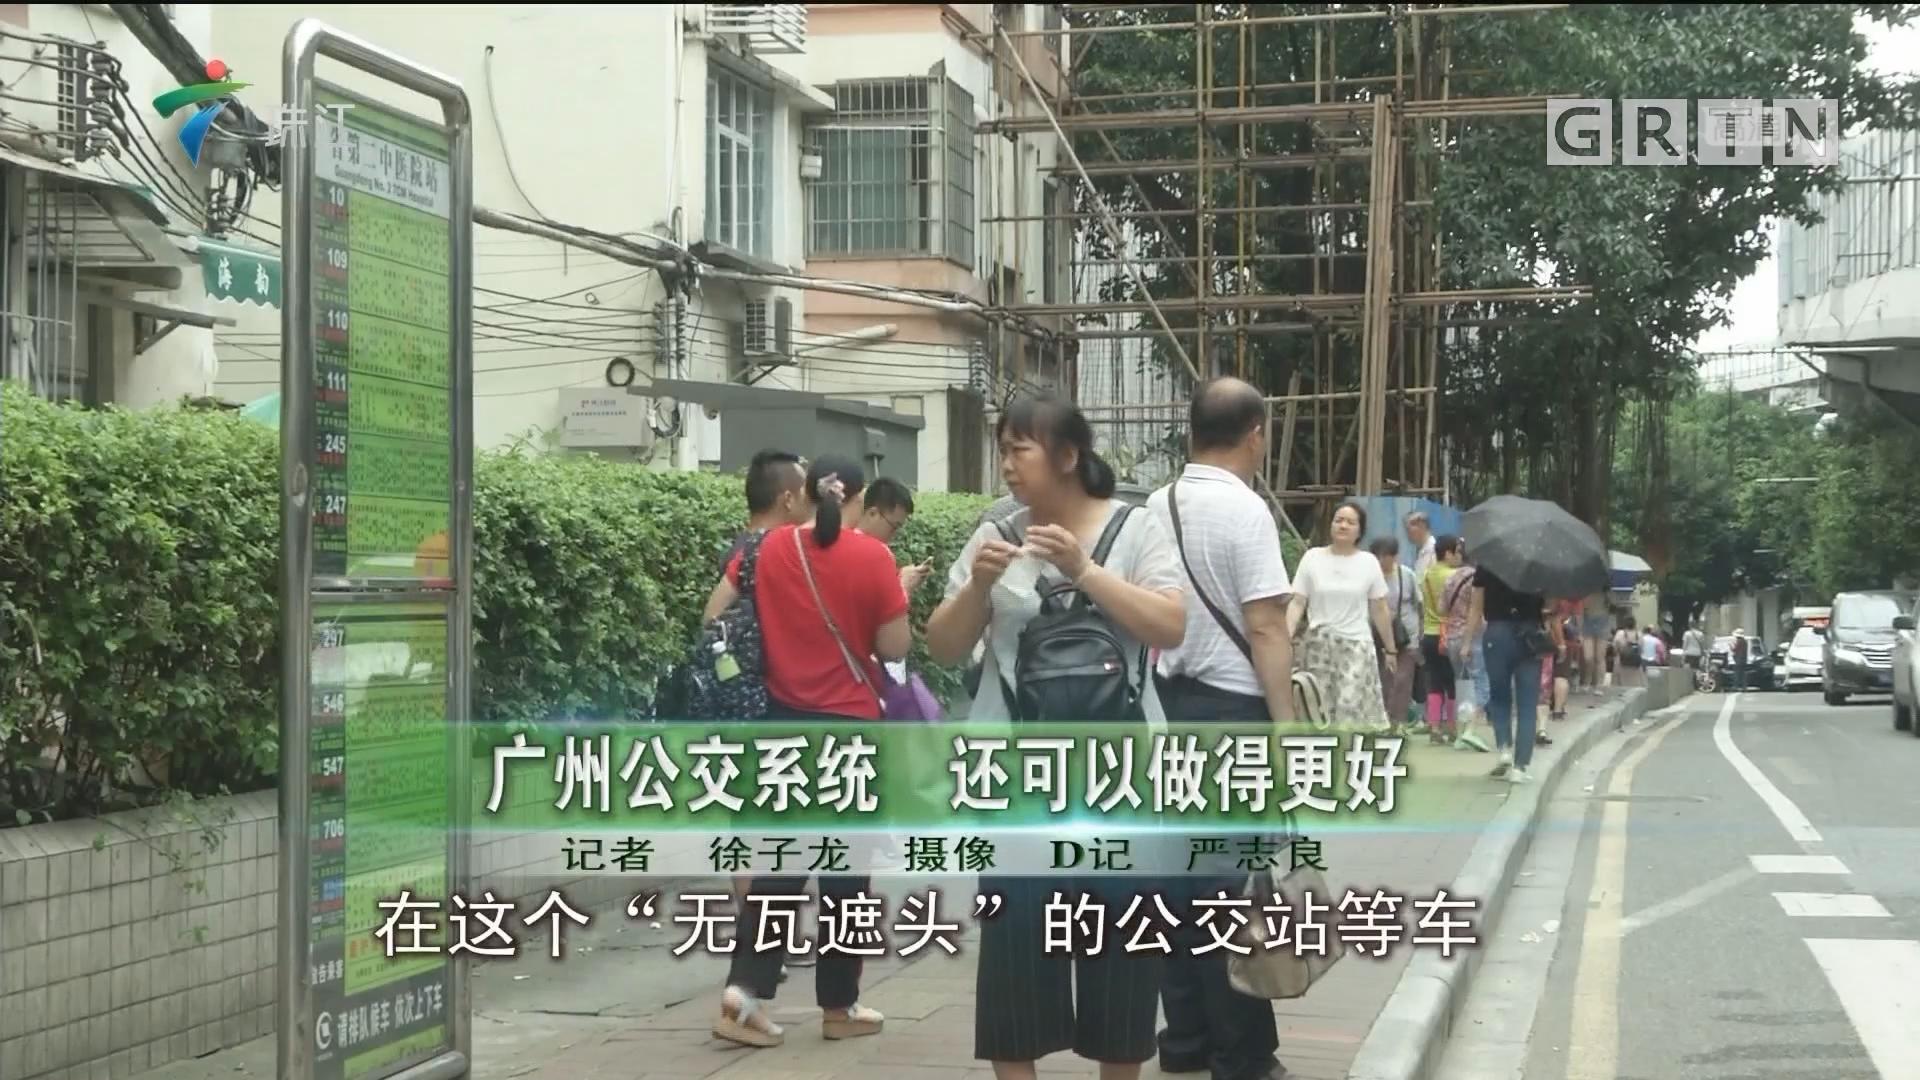 广州公交系统 还可以做得更好